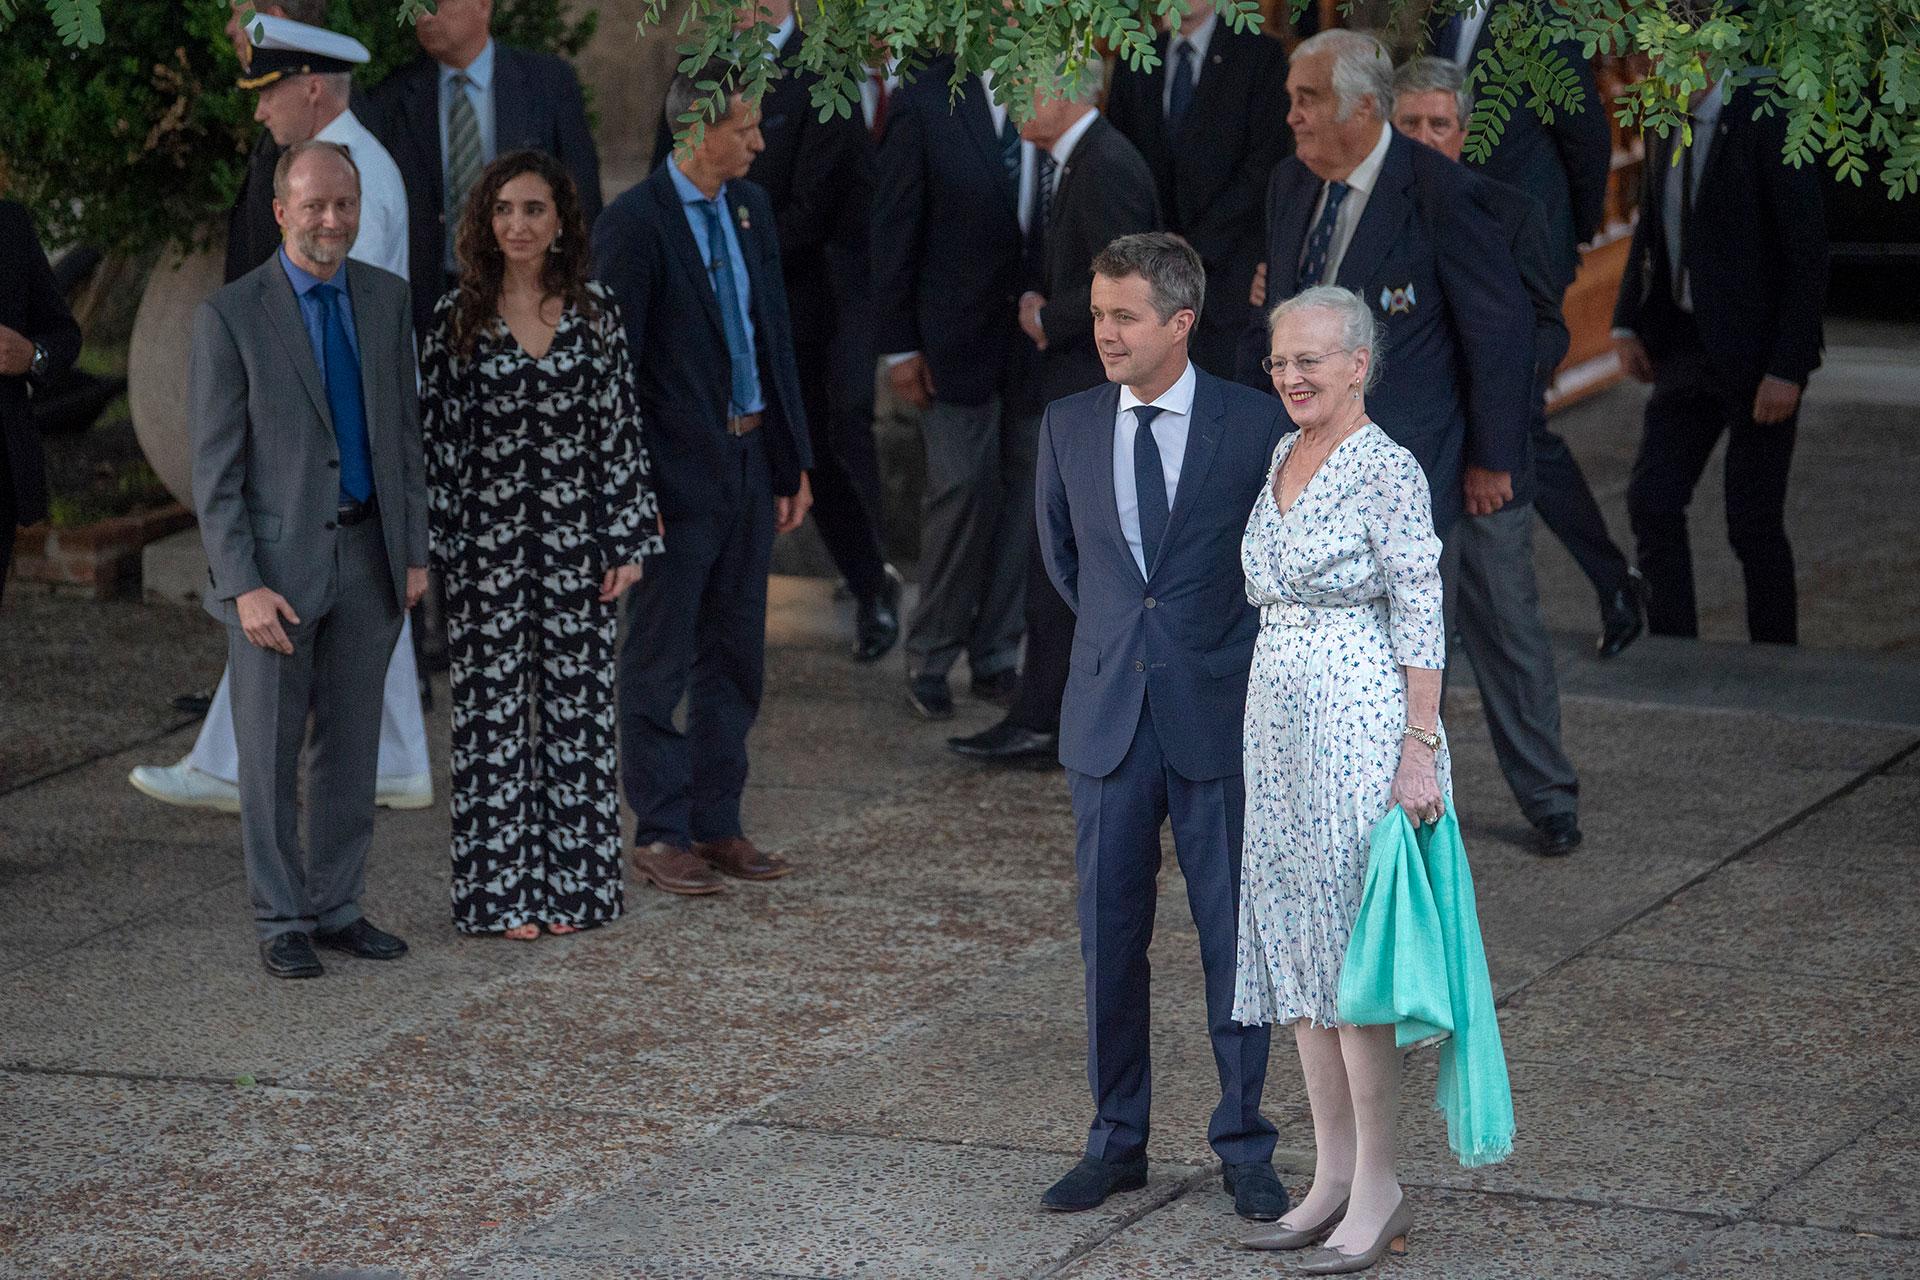 El primer día de la visita de Estado cerró con un cocktail organizado por el embajador de Dinamarca para la delegación comercial que tuvo lugar en el Yatch Club de Buenos Aires